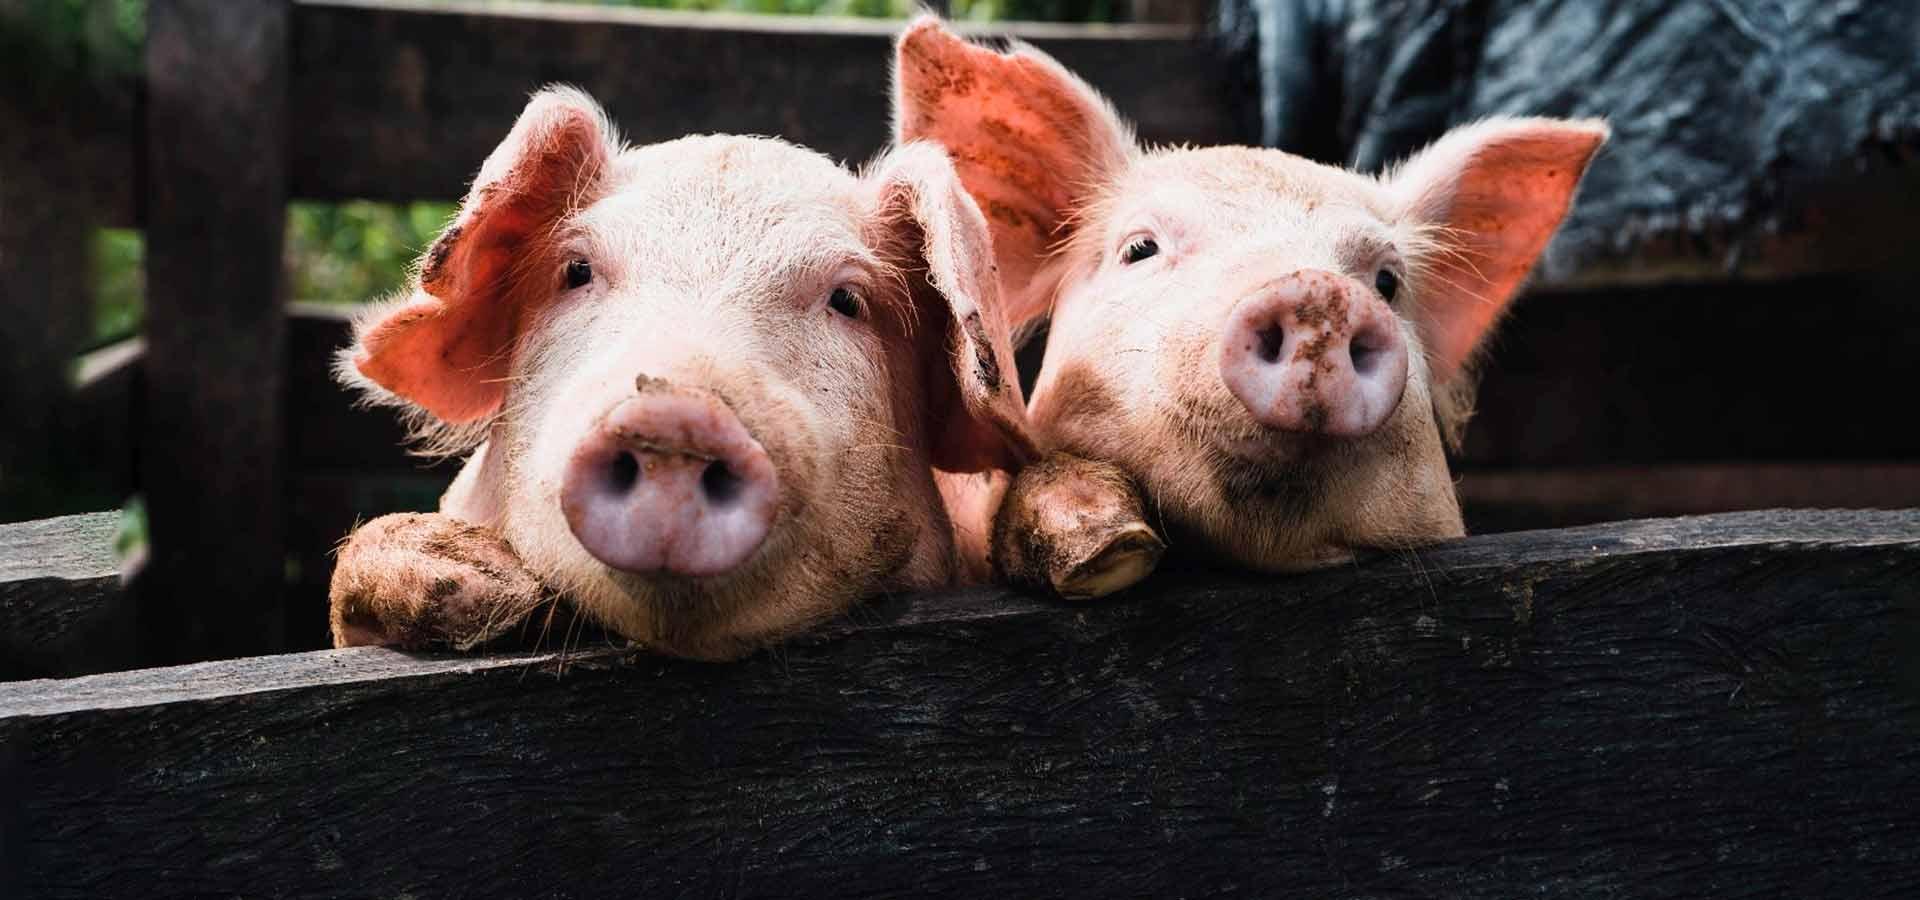 Зоозащитники призывают не использовать животных в качестве оскорблений людей